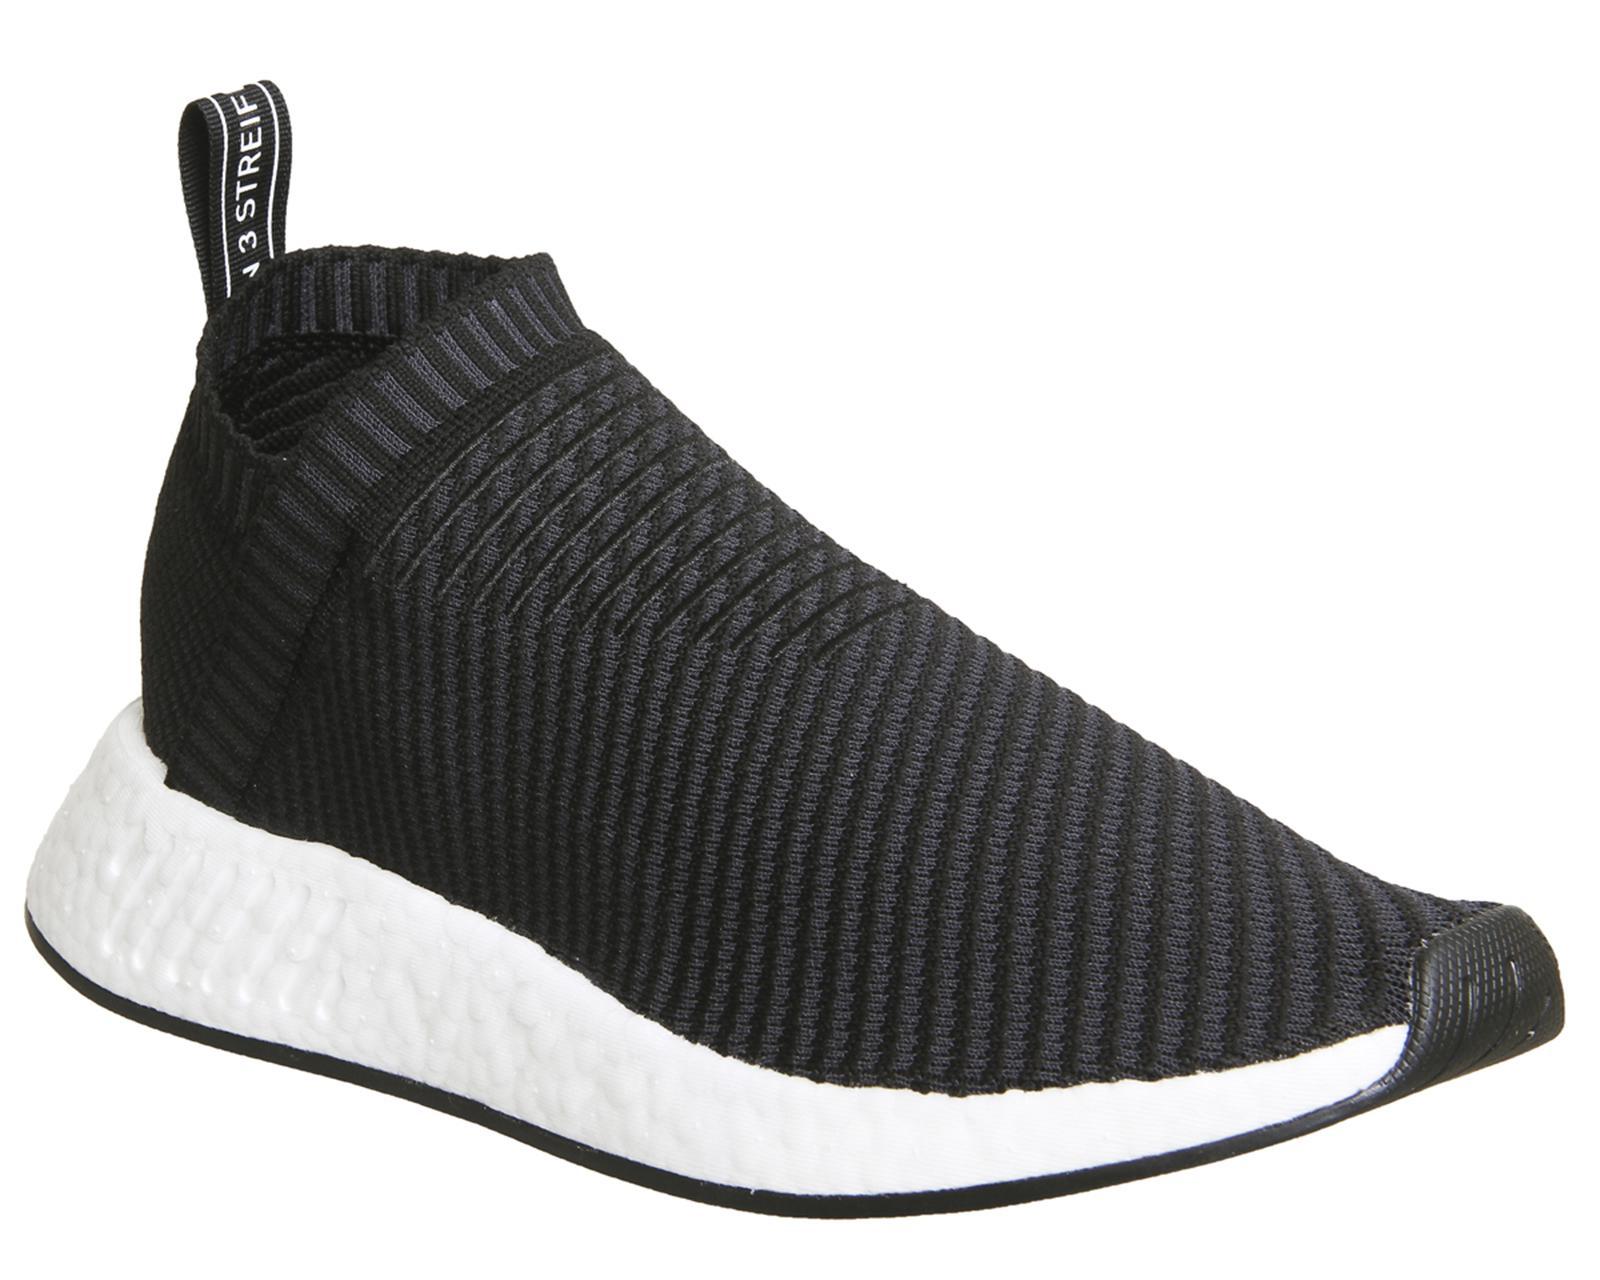 adidas nmd città sock 2 in nero per gli uomini lyst